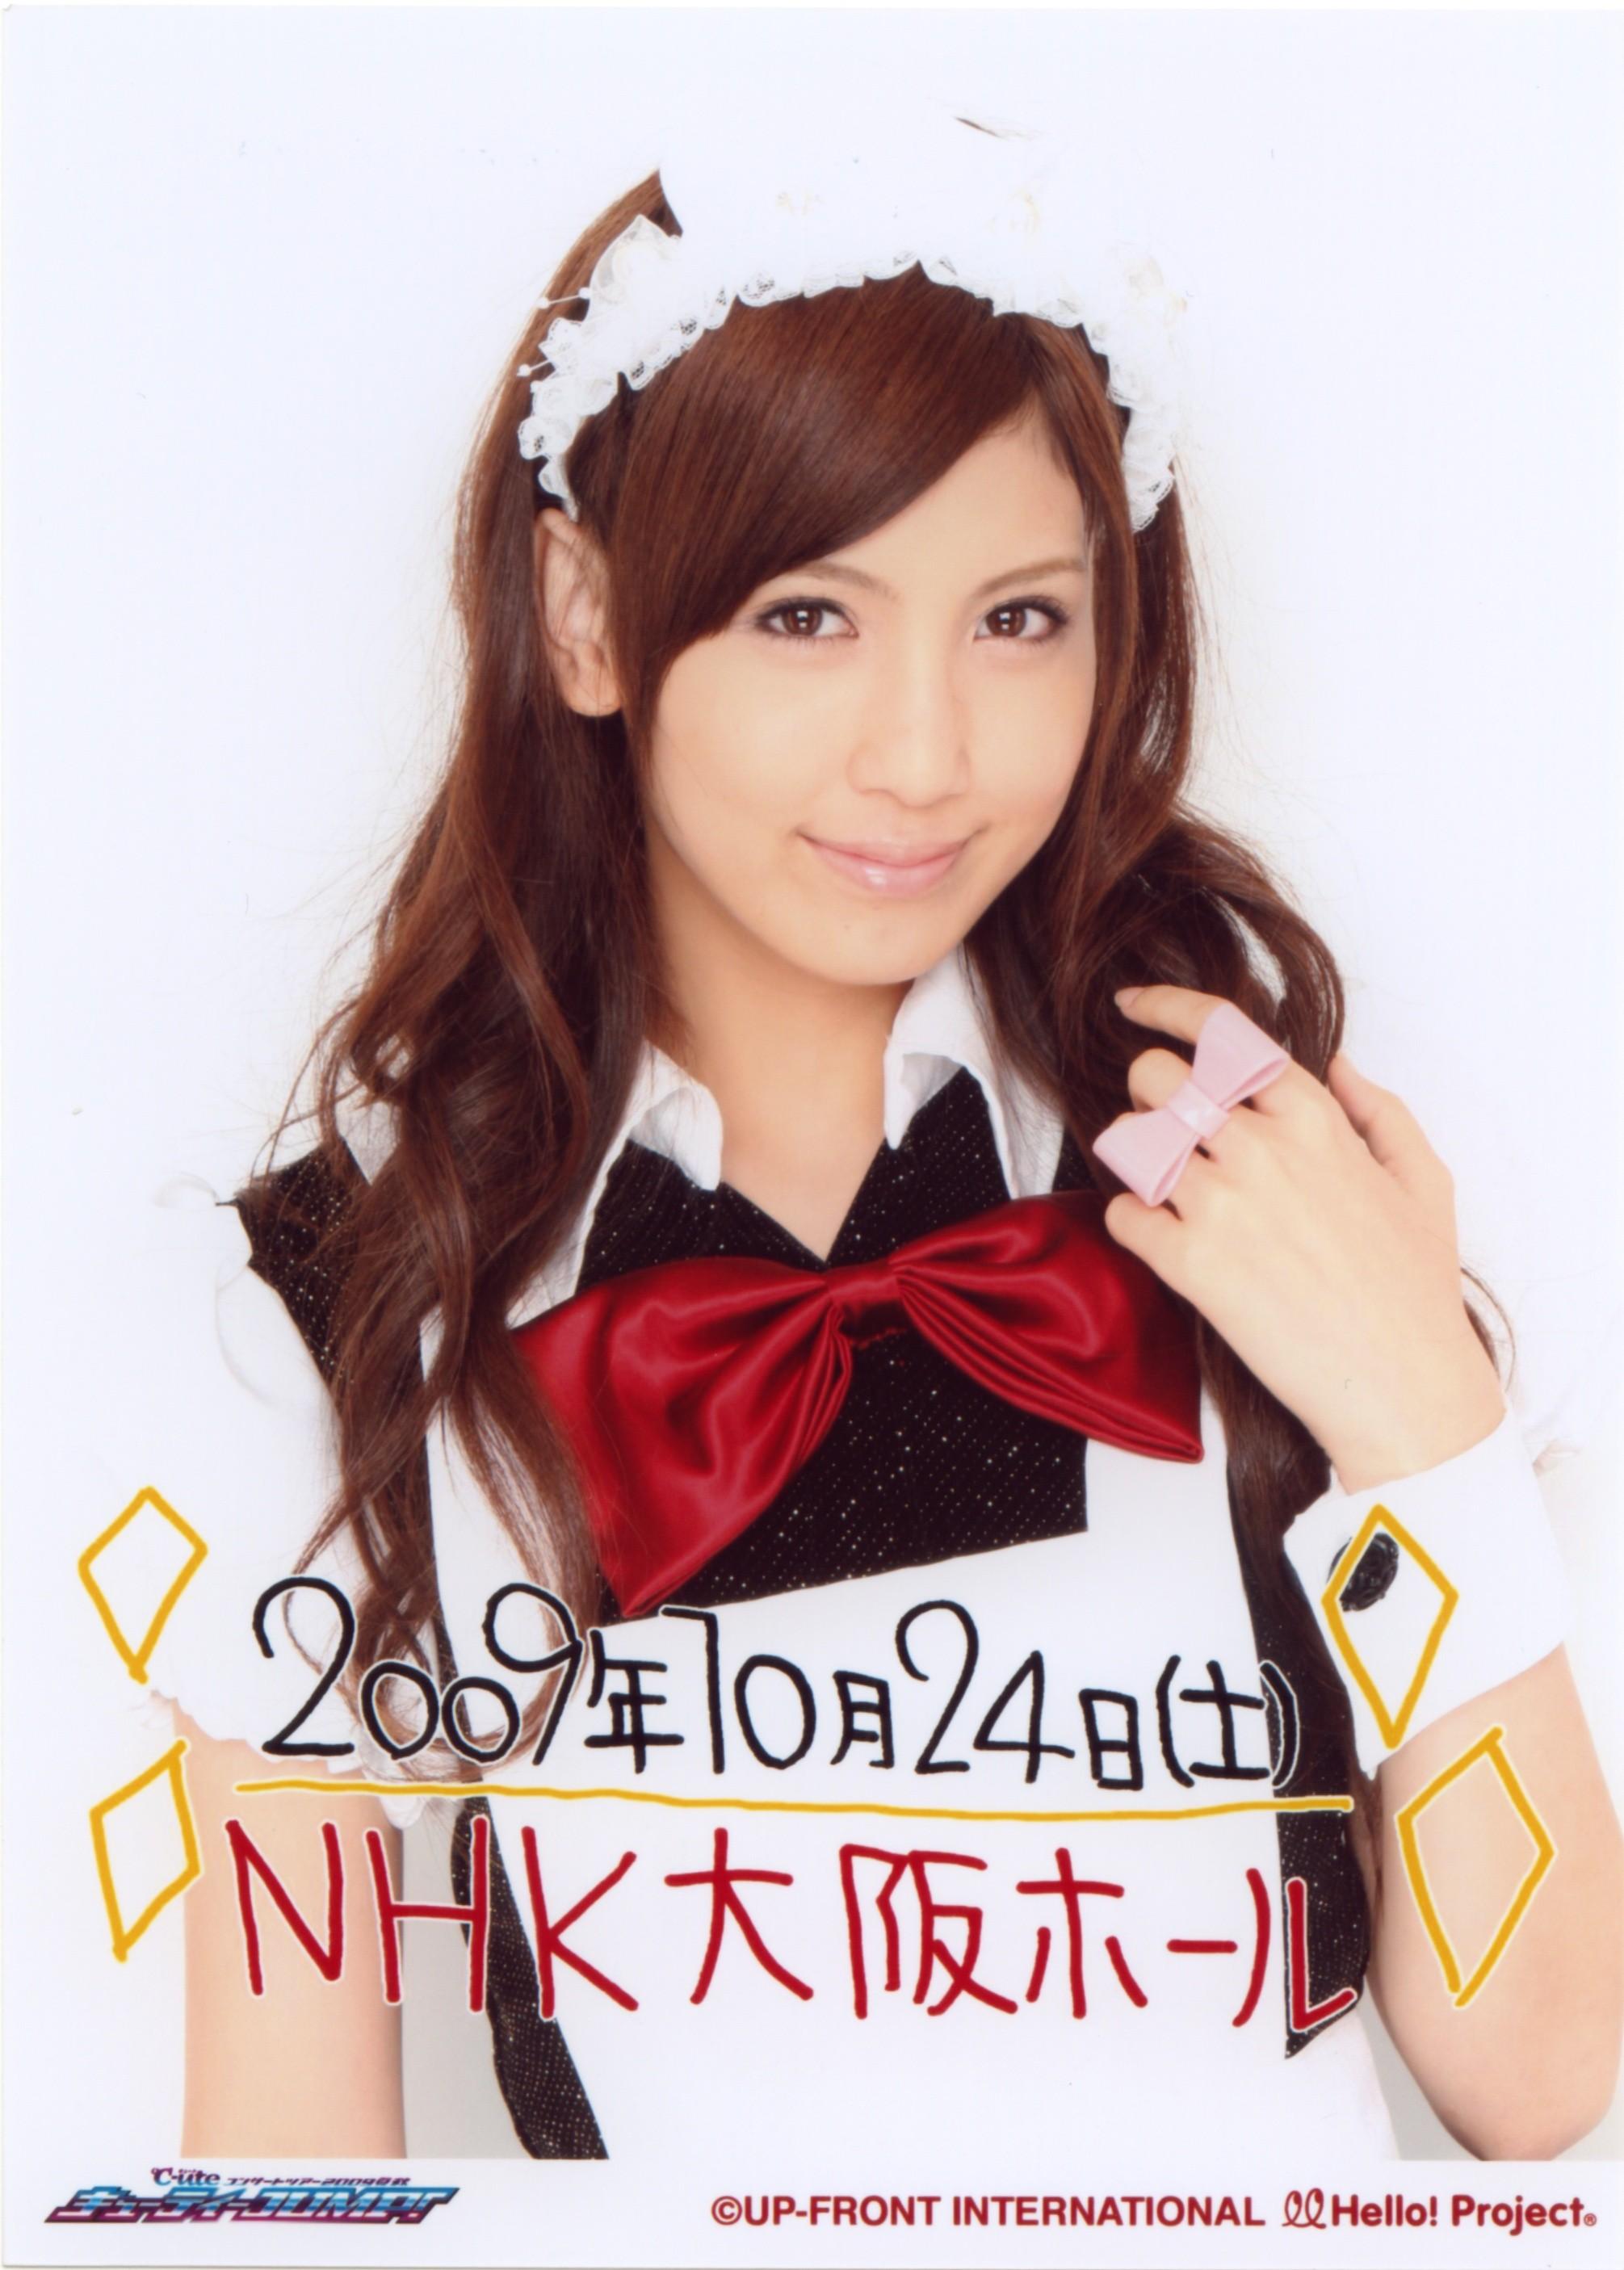 日替わり2L判生写真 10月24日 NHK大阪ホール 梅田えりかちゃん